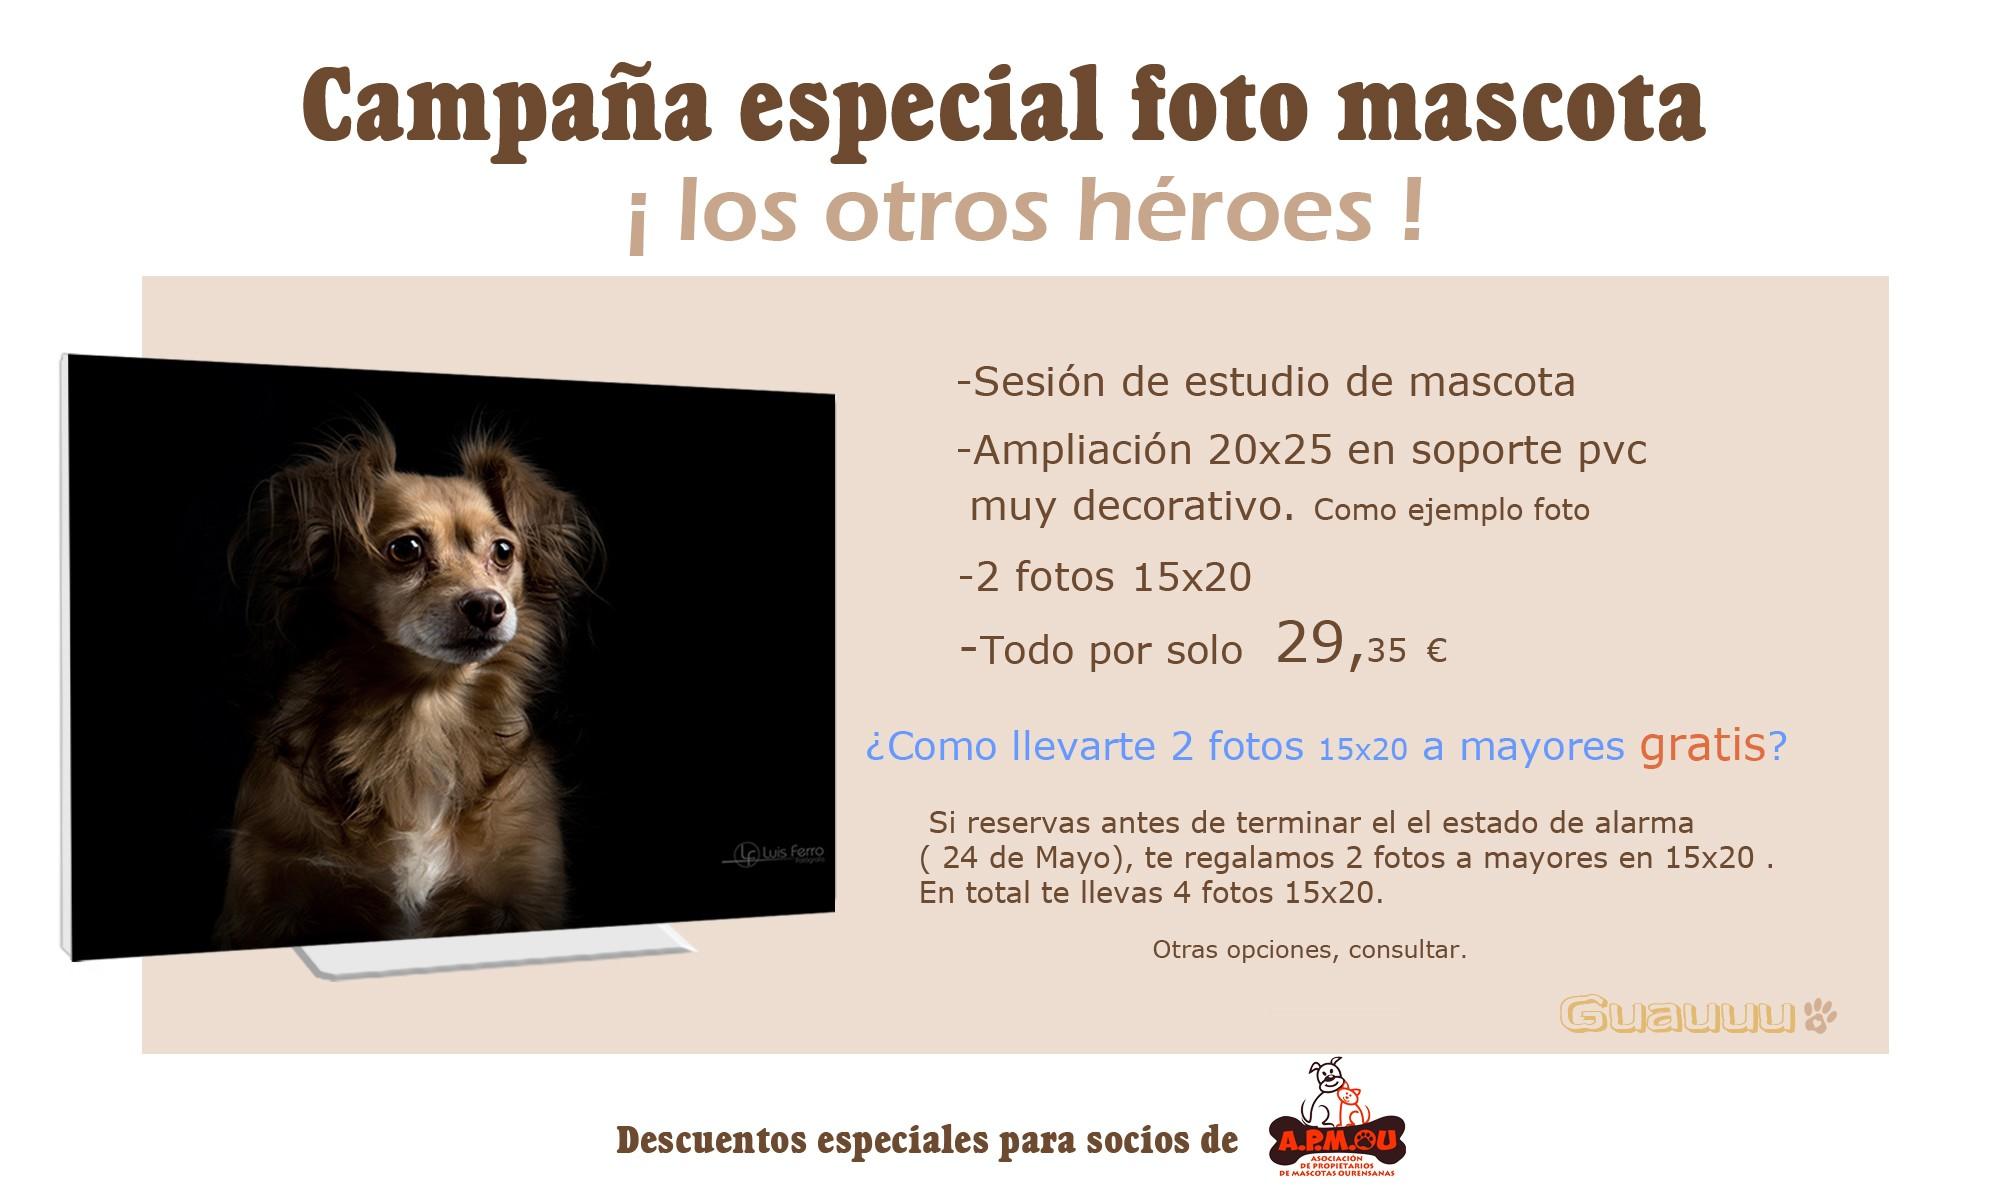 1 1 Campaña especial mascotas 29,35€